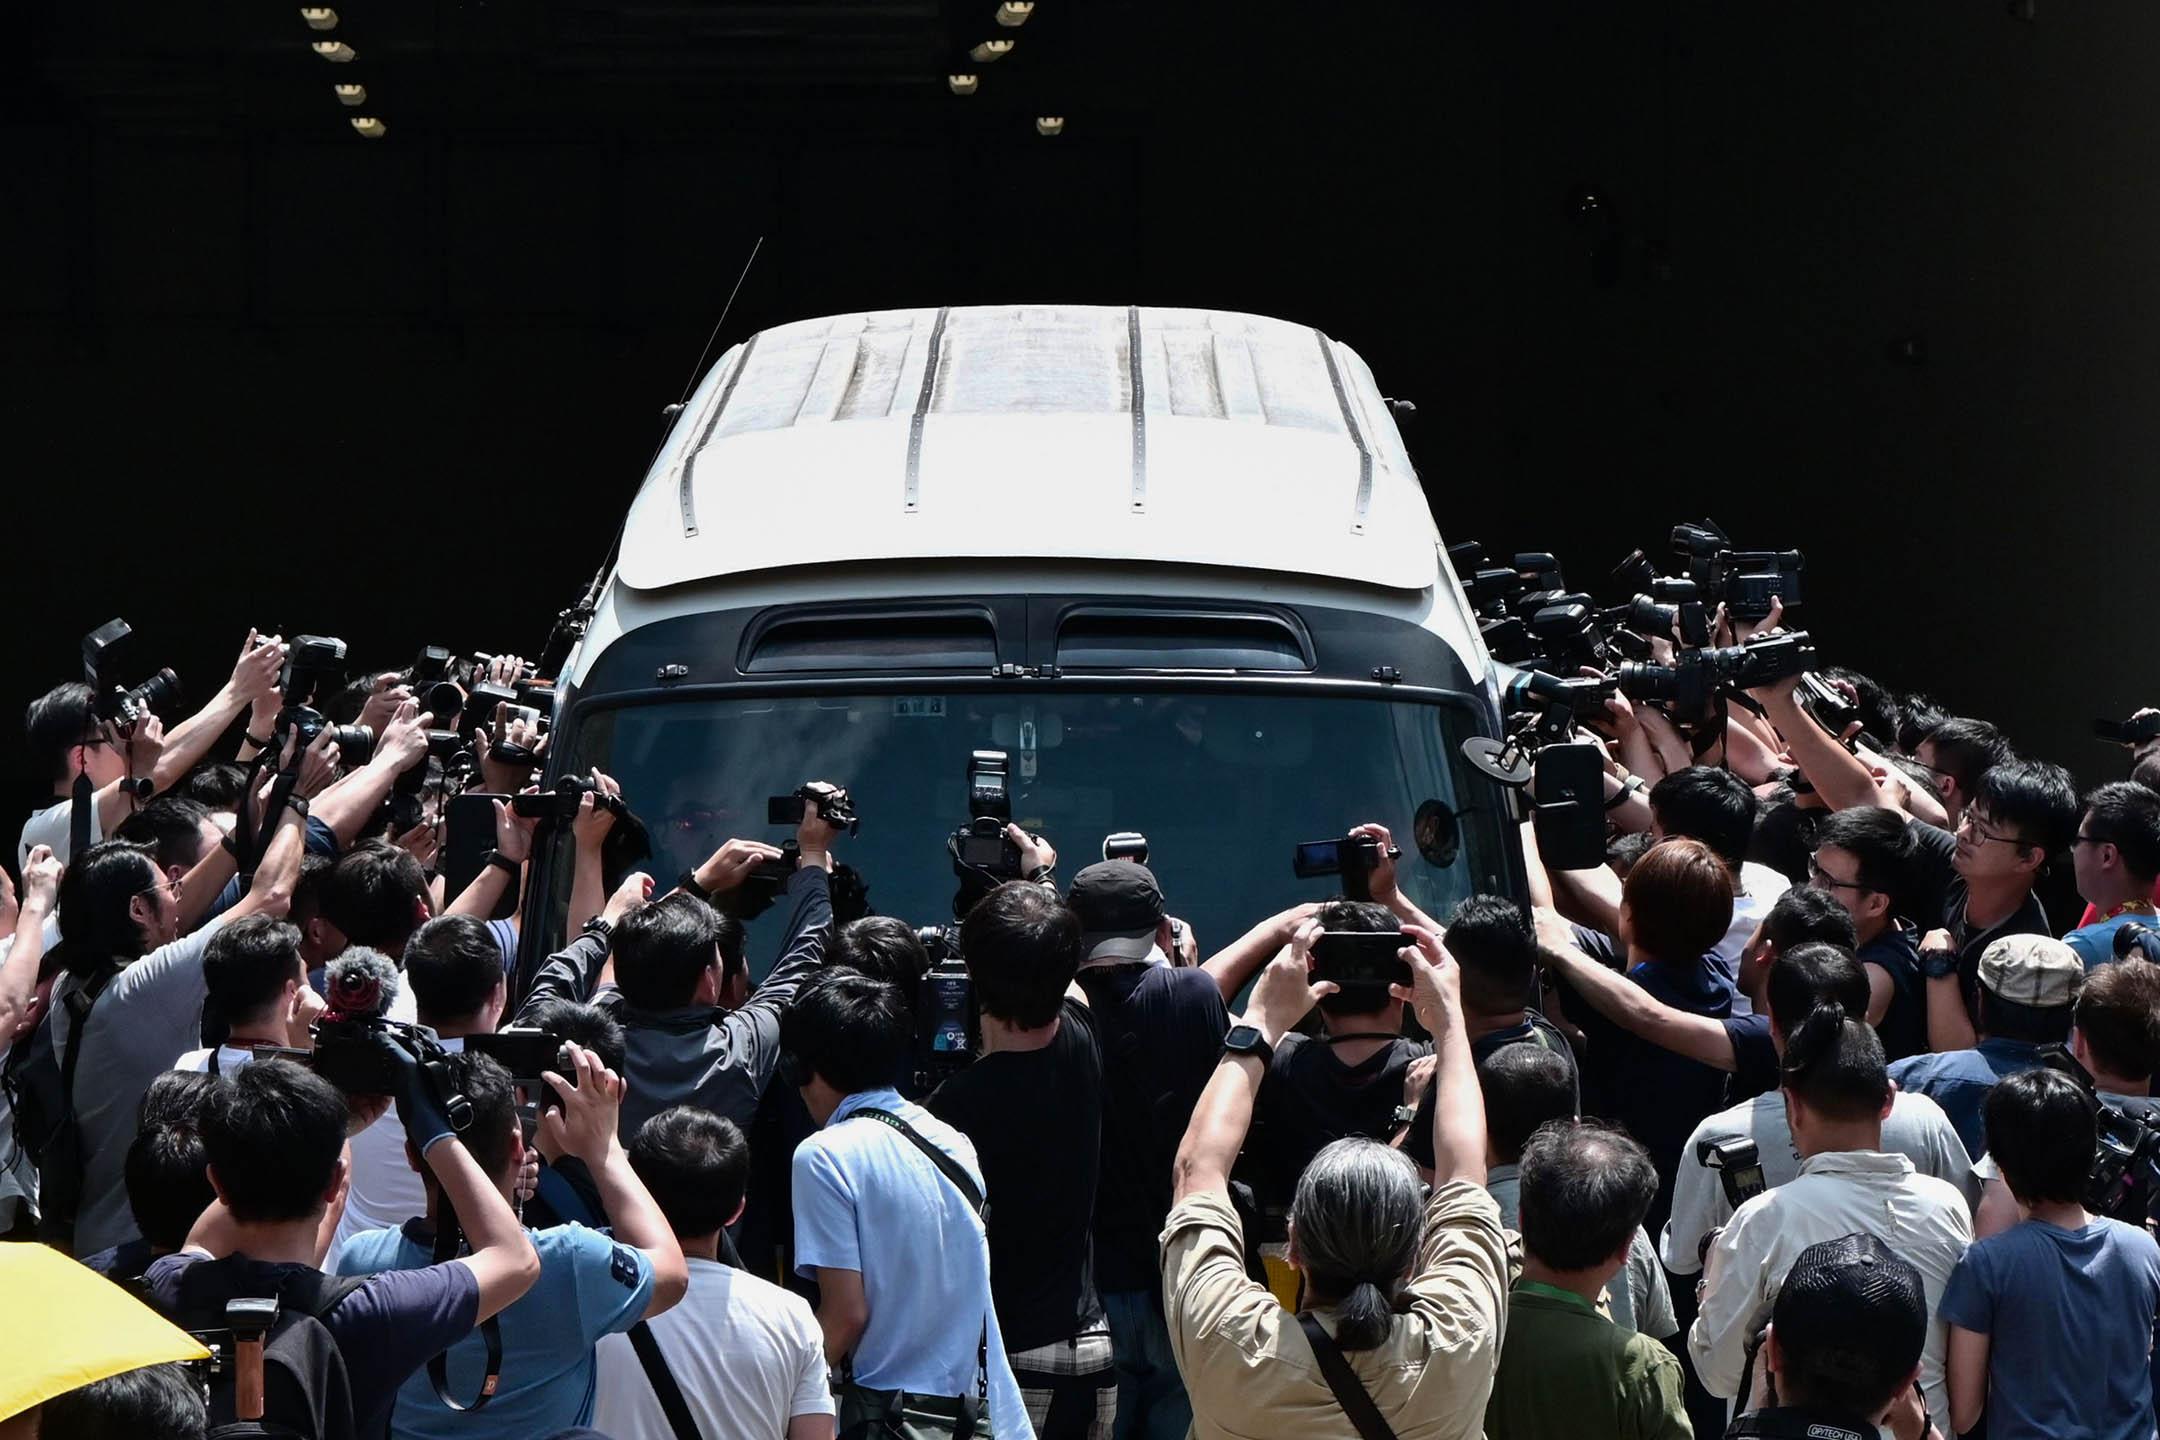 2019年4月24日,佔中九子案在西九龍裁判法院判決,大批傳媒包圍著囚車拍攝。 攝:Anthony Wallace/AFP via Getty Images